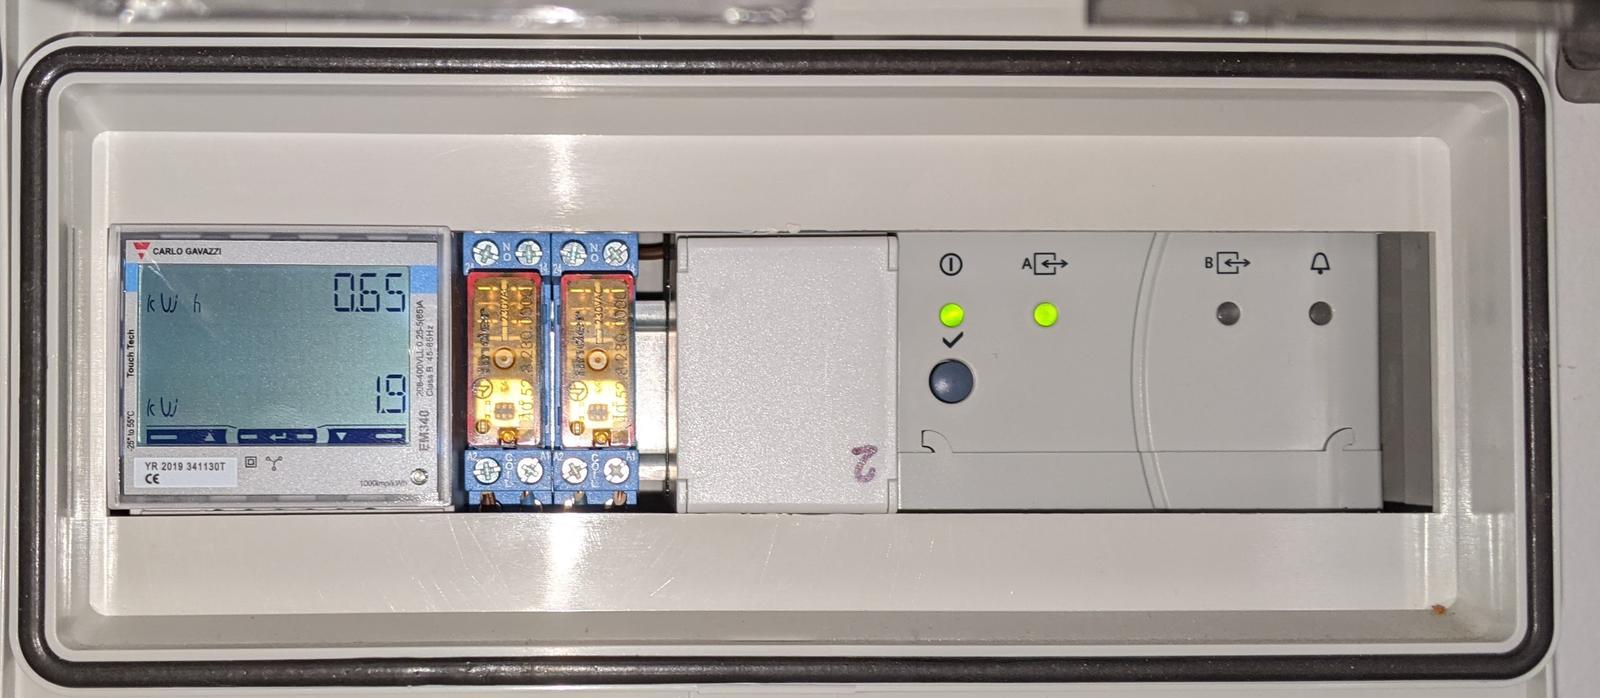 LogomatIQ - Kedže mi odišiel už druhý elektromer finder, vymenil som ho za EM340 od CARLO GAVAZZI